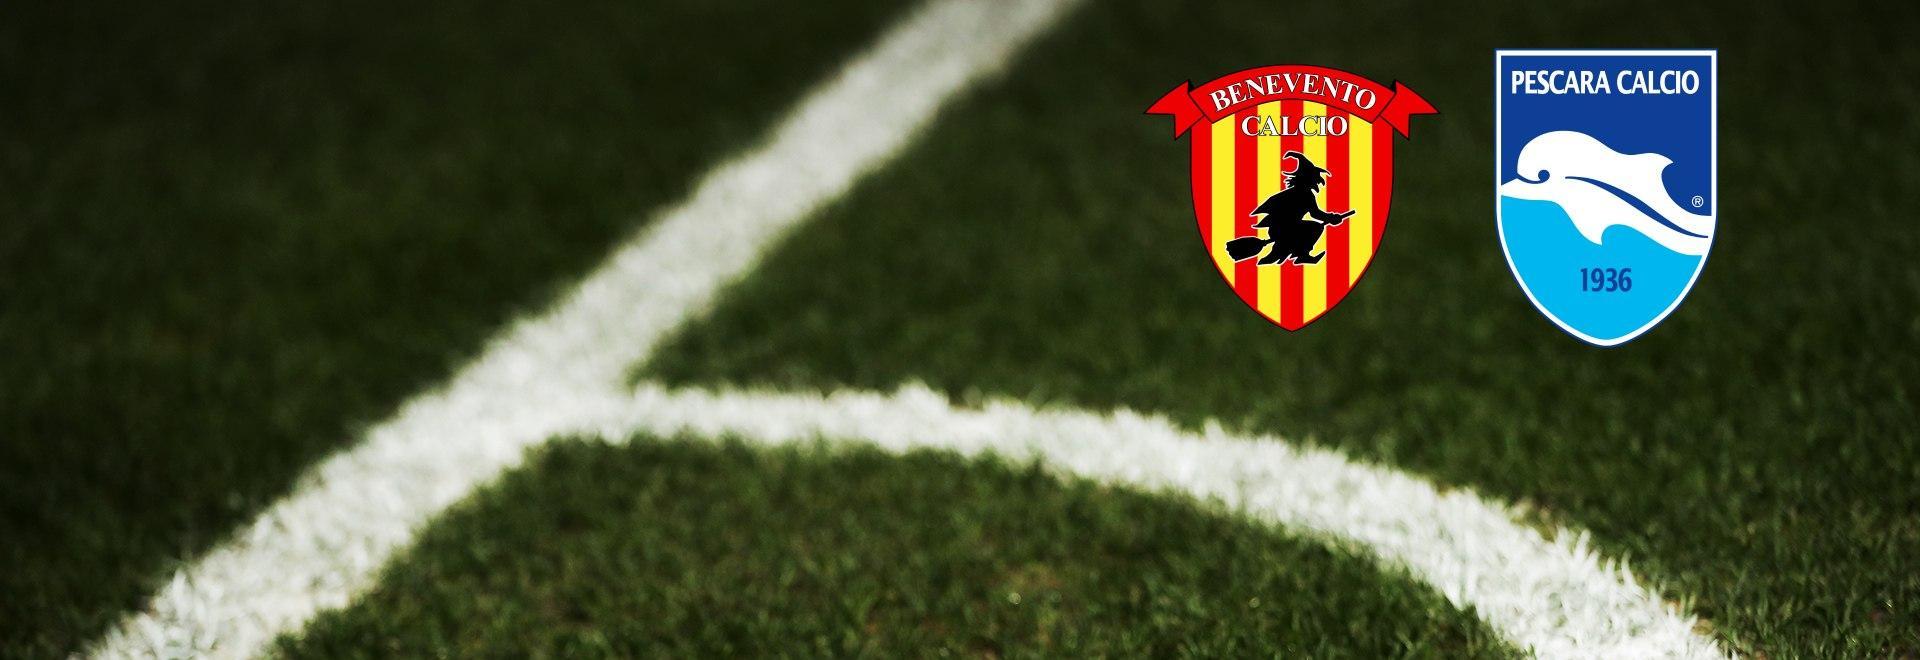 Benevento - Pescara. 28a g.